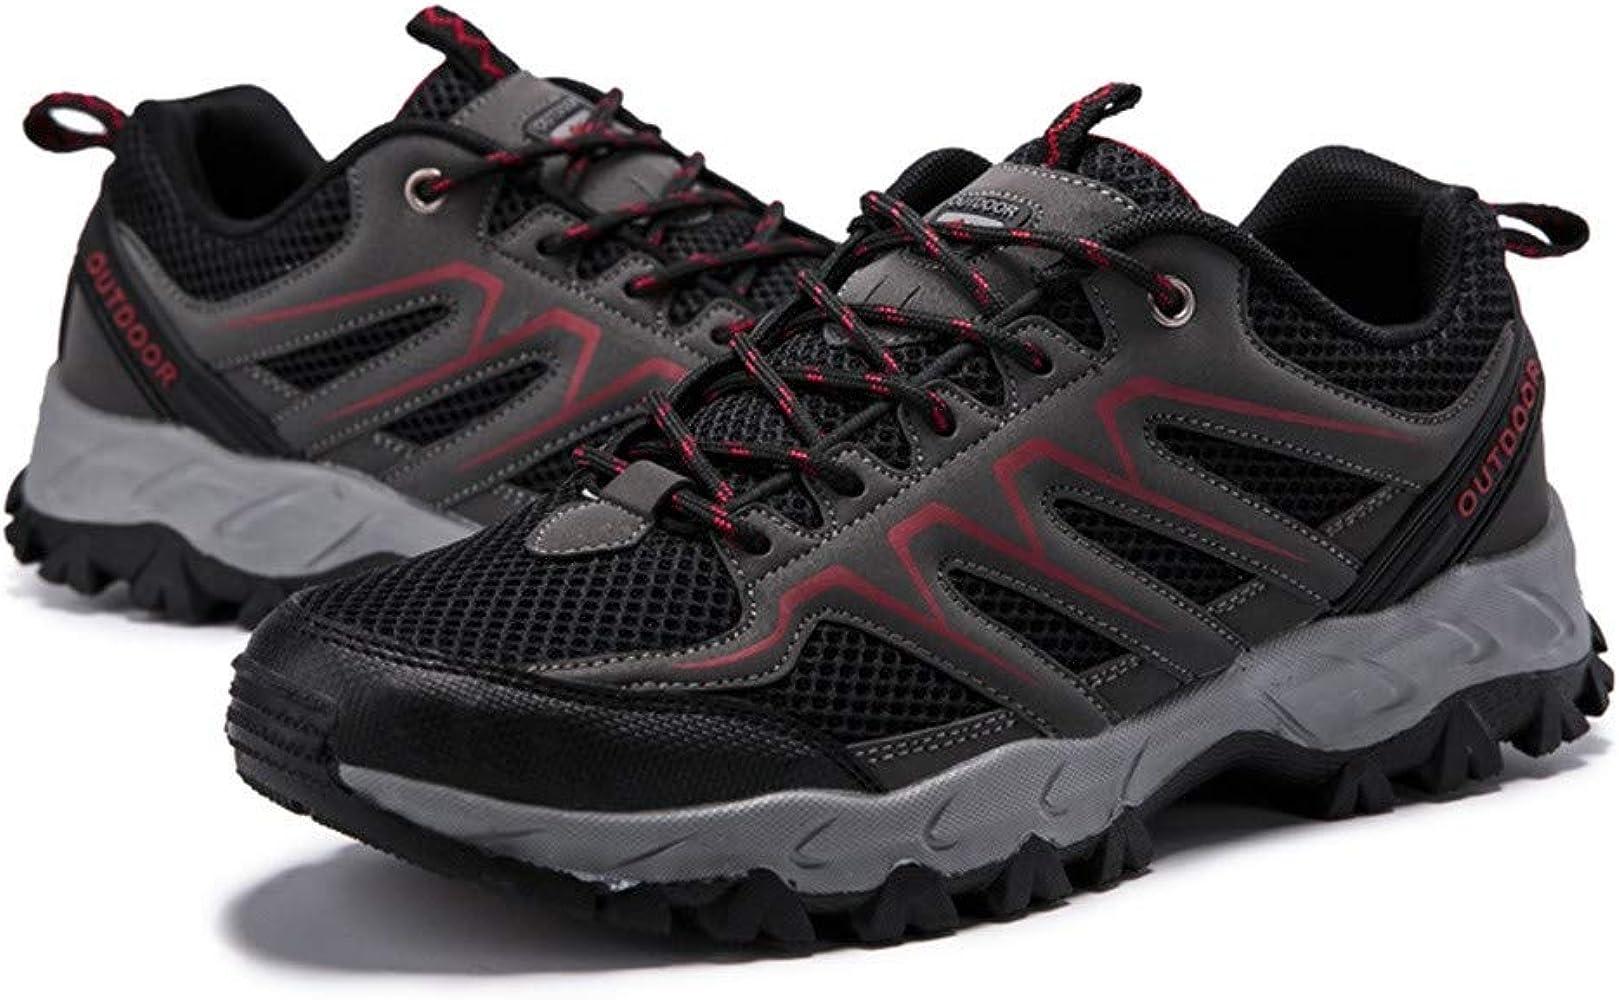 Darringls Zapatos de Deporte, Zapatillas de Deporte Hombres Zapatos de Gimnasia para Caminar de Peso Ligero Zapatillas de Deporte Zapatos Deportivos para Hombre 39-44: Amazon.es: Ropa y accesorios